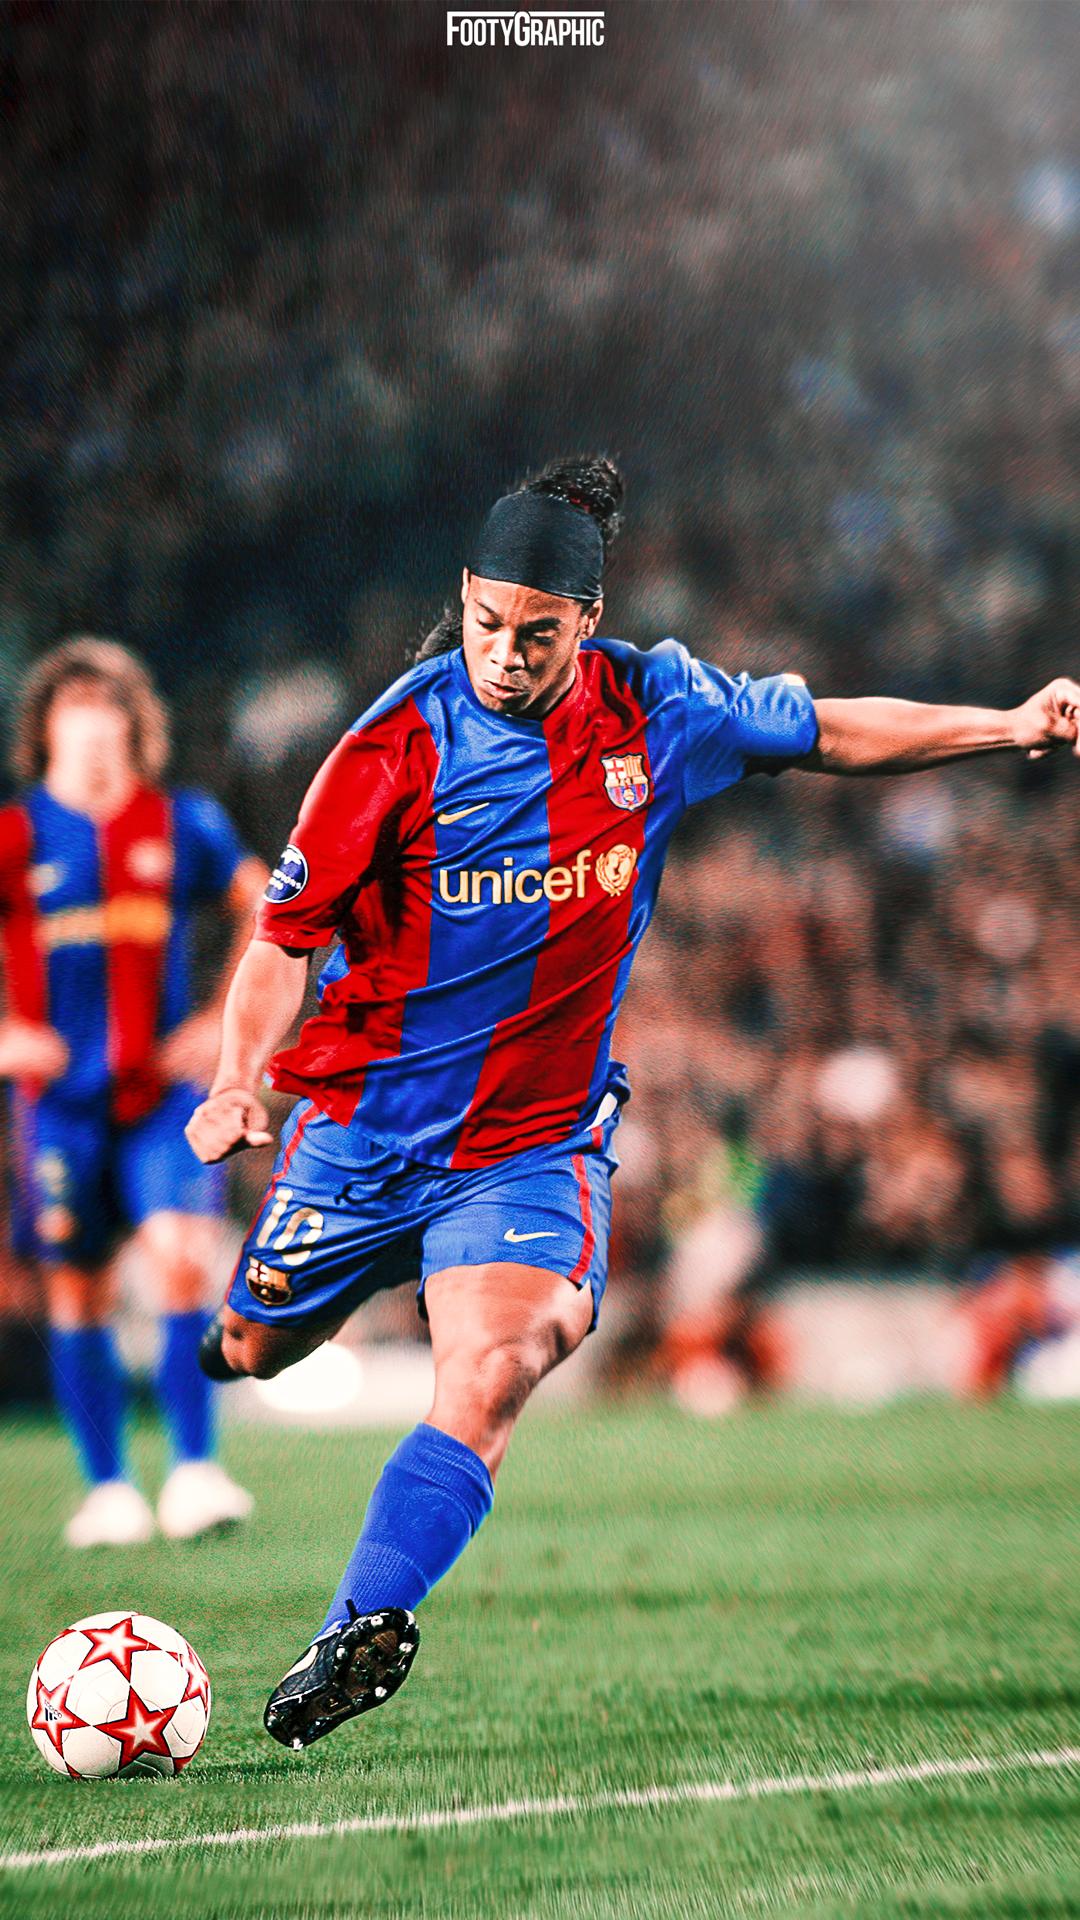 Ronaldinho Footygraphic Football Lockscreens And